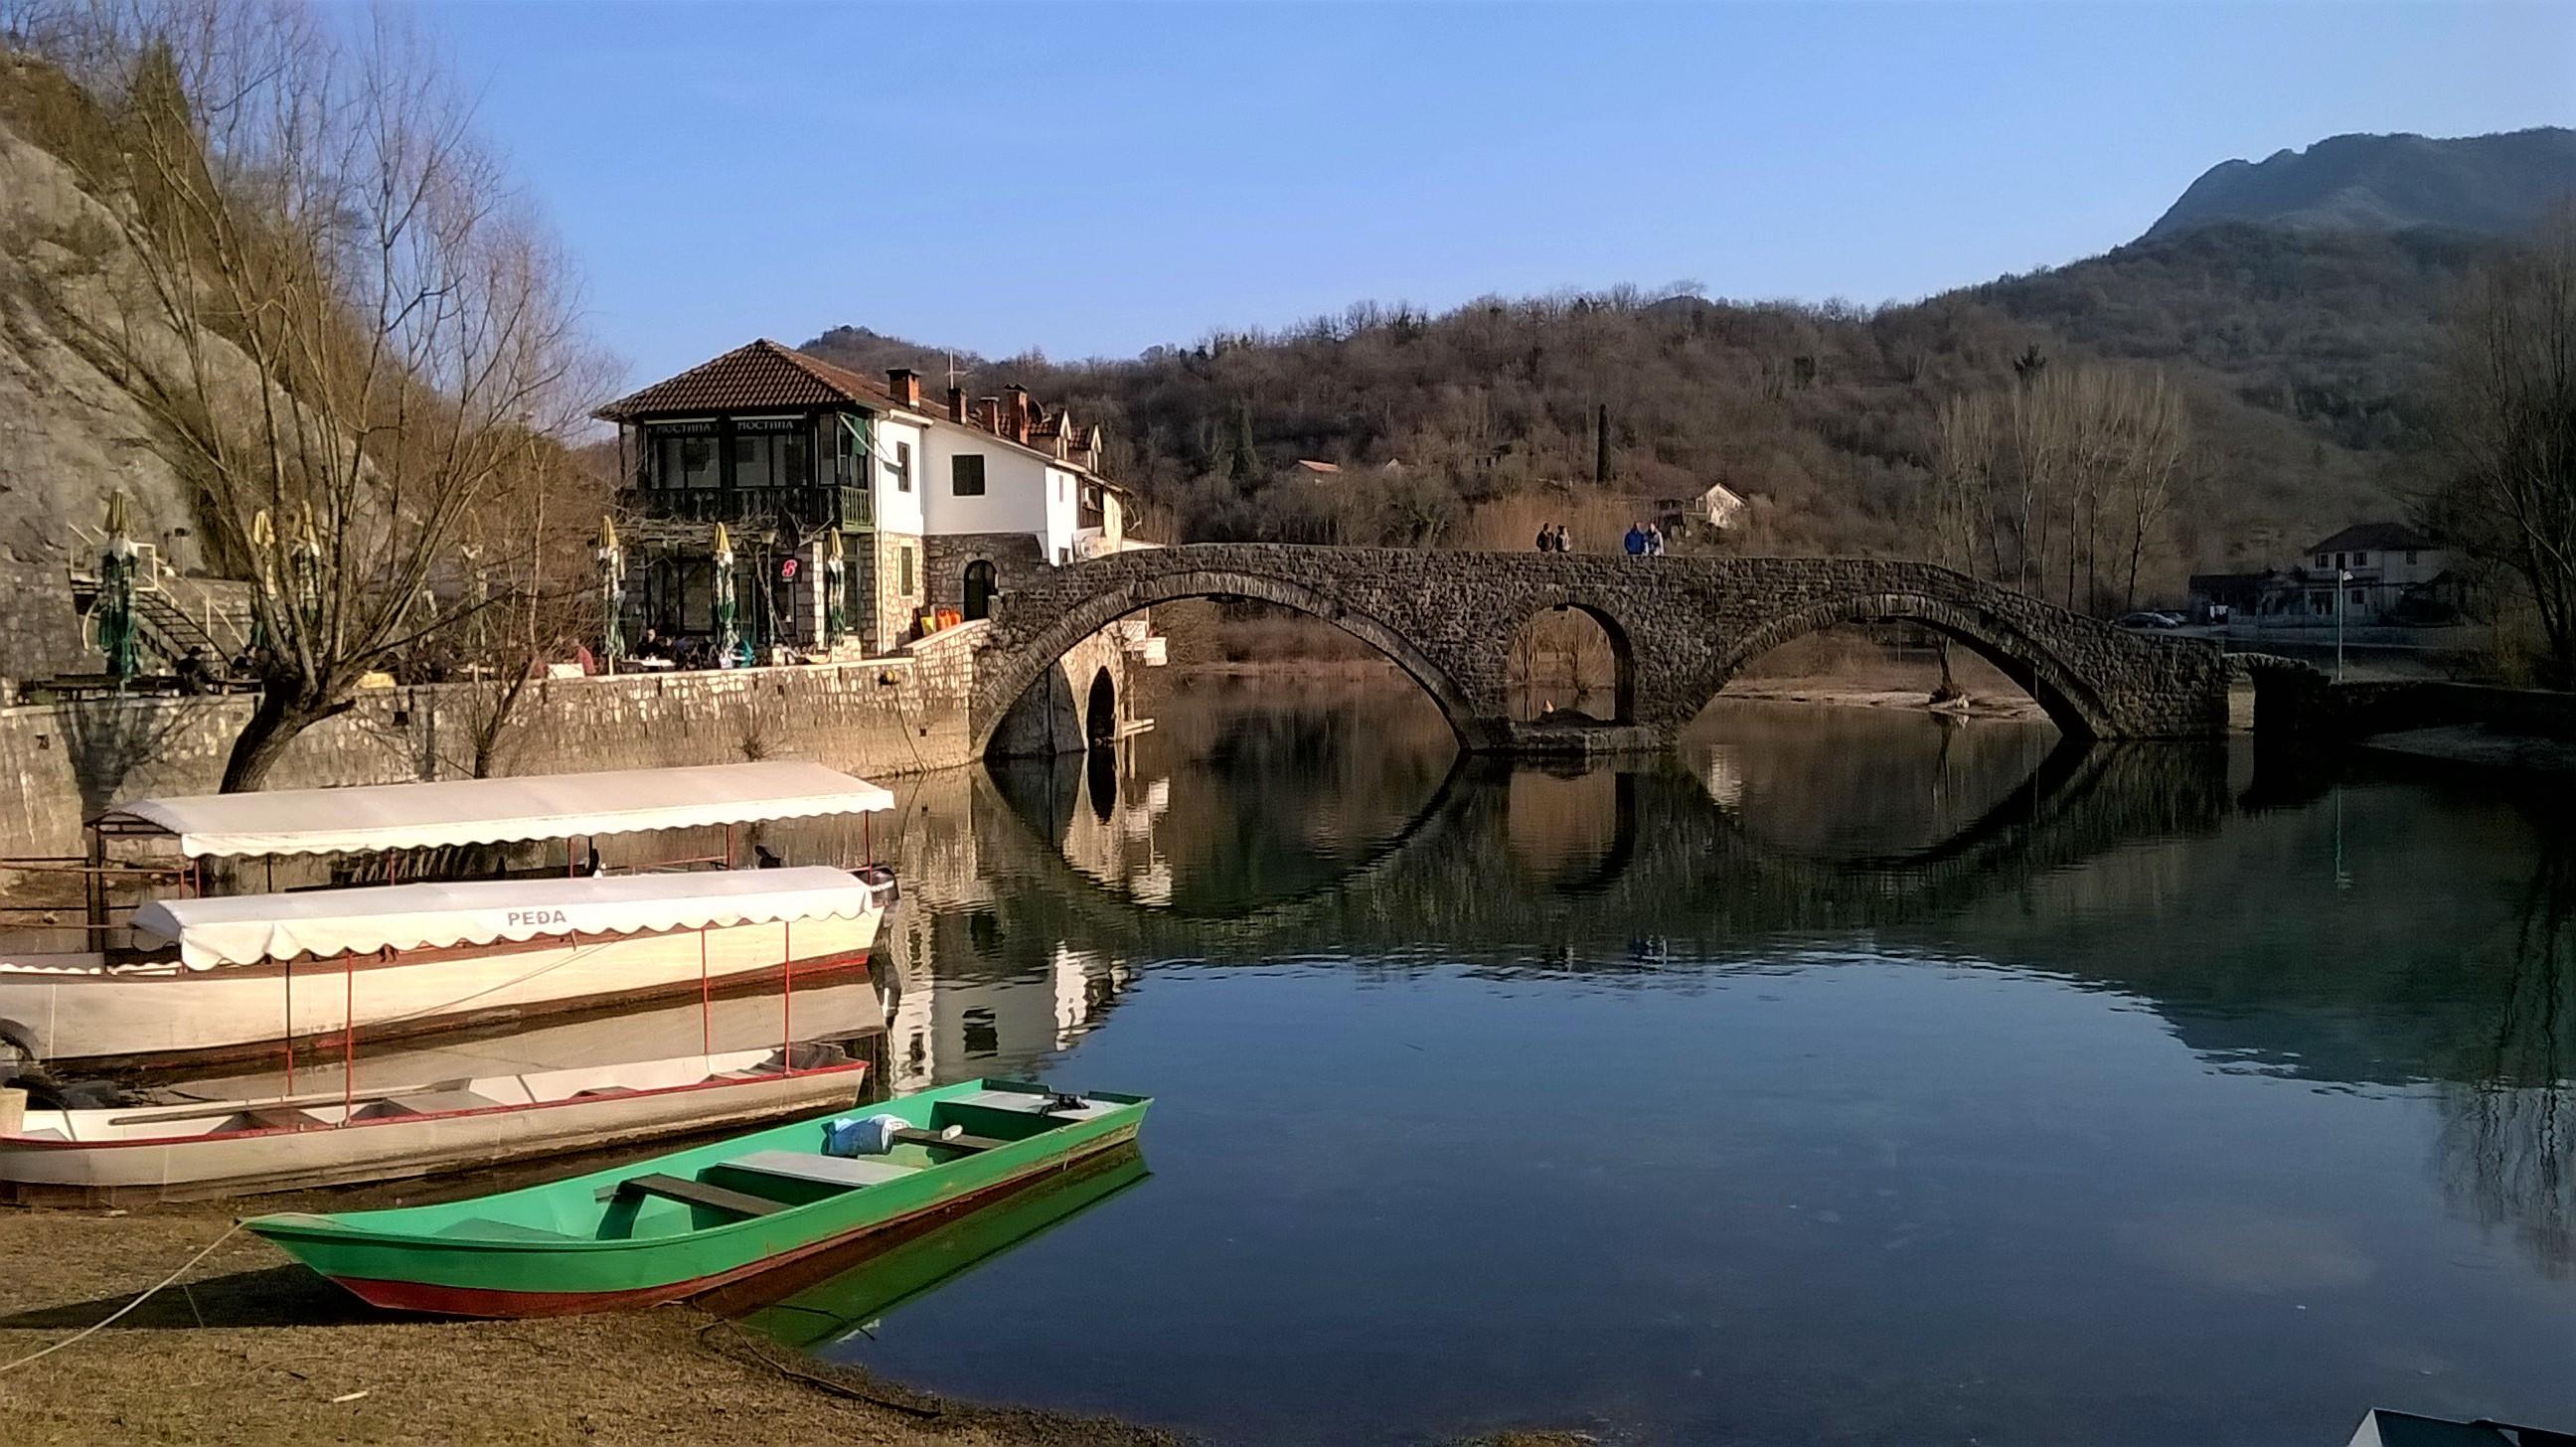 Rijeka Crnojevica; Photo: Nino M. Markovic